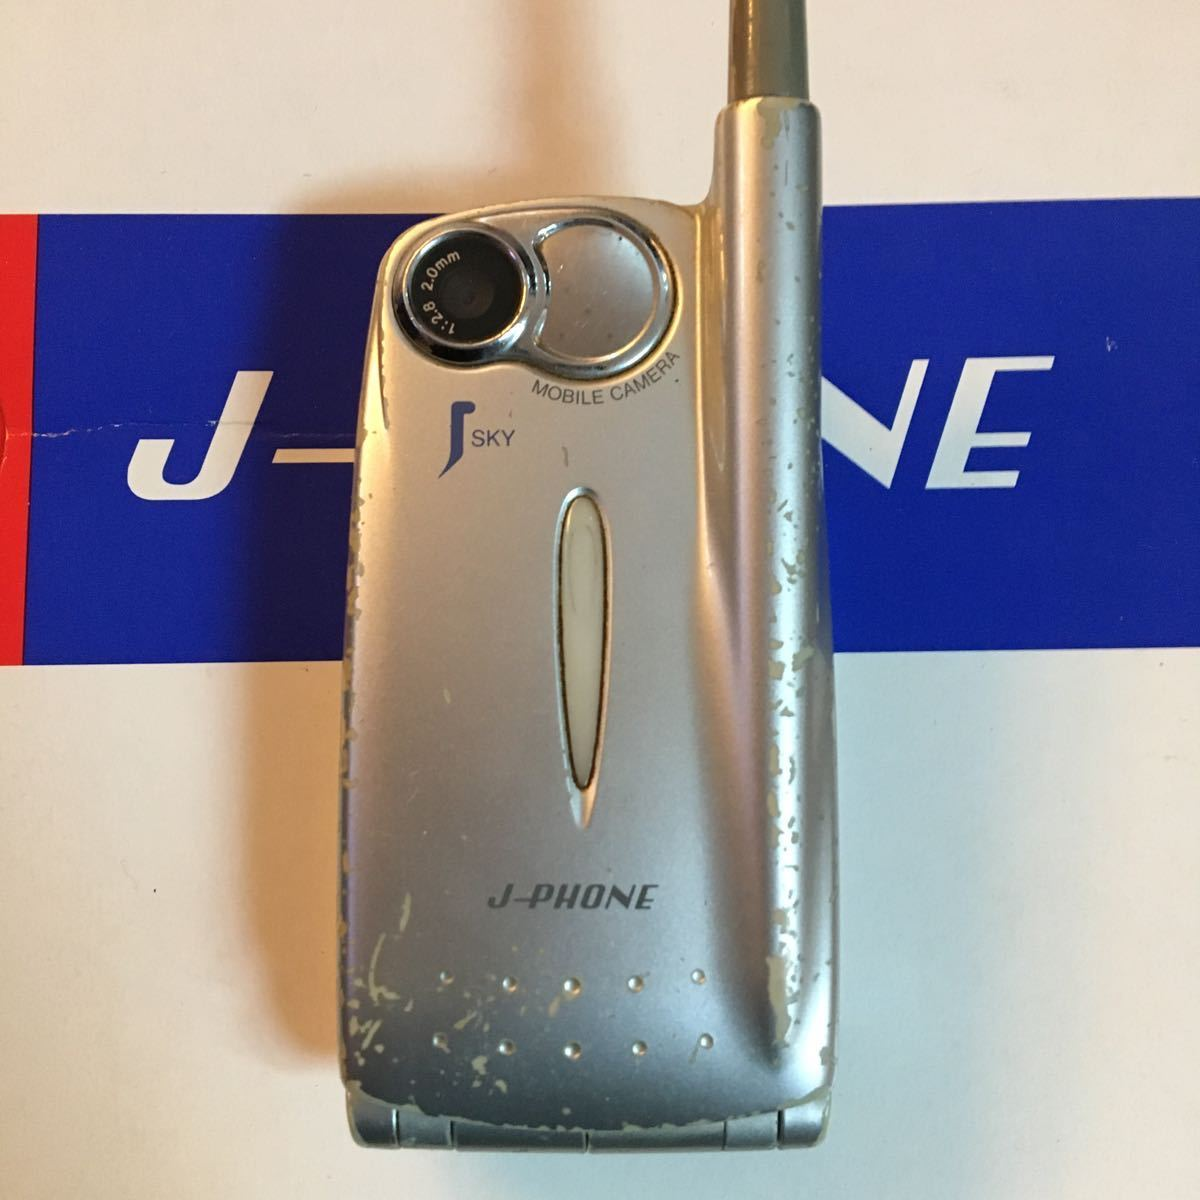 ガラケー 携帯 j-phone j-sh07 アダプタ 充電器 箱付き_画像4